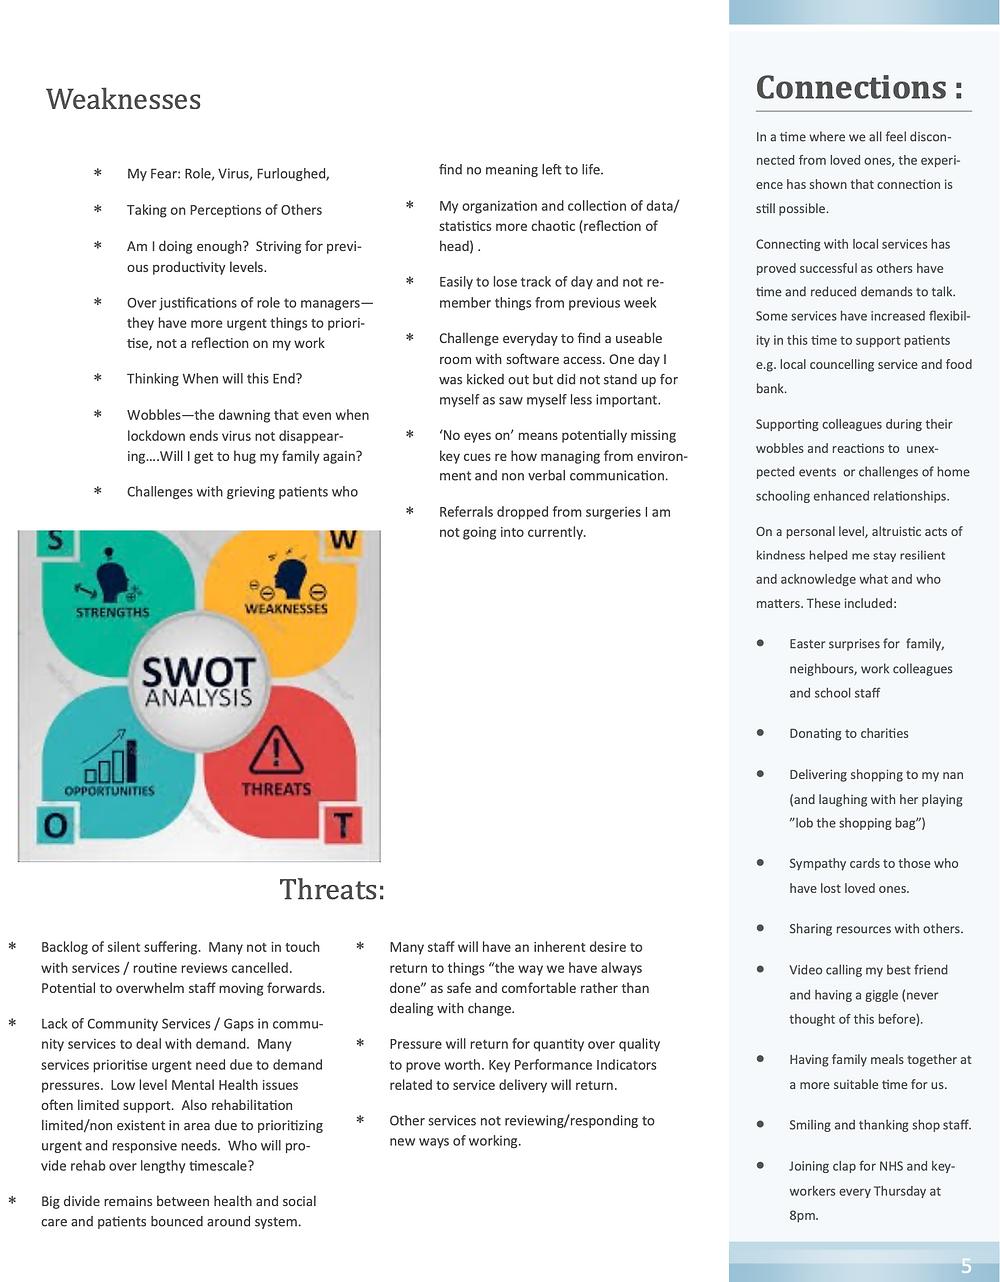 A Reflective Account of the Social Prescriber role, through COVID-19